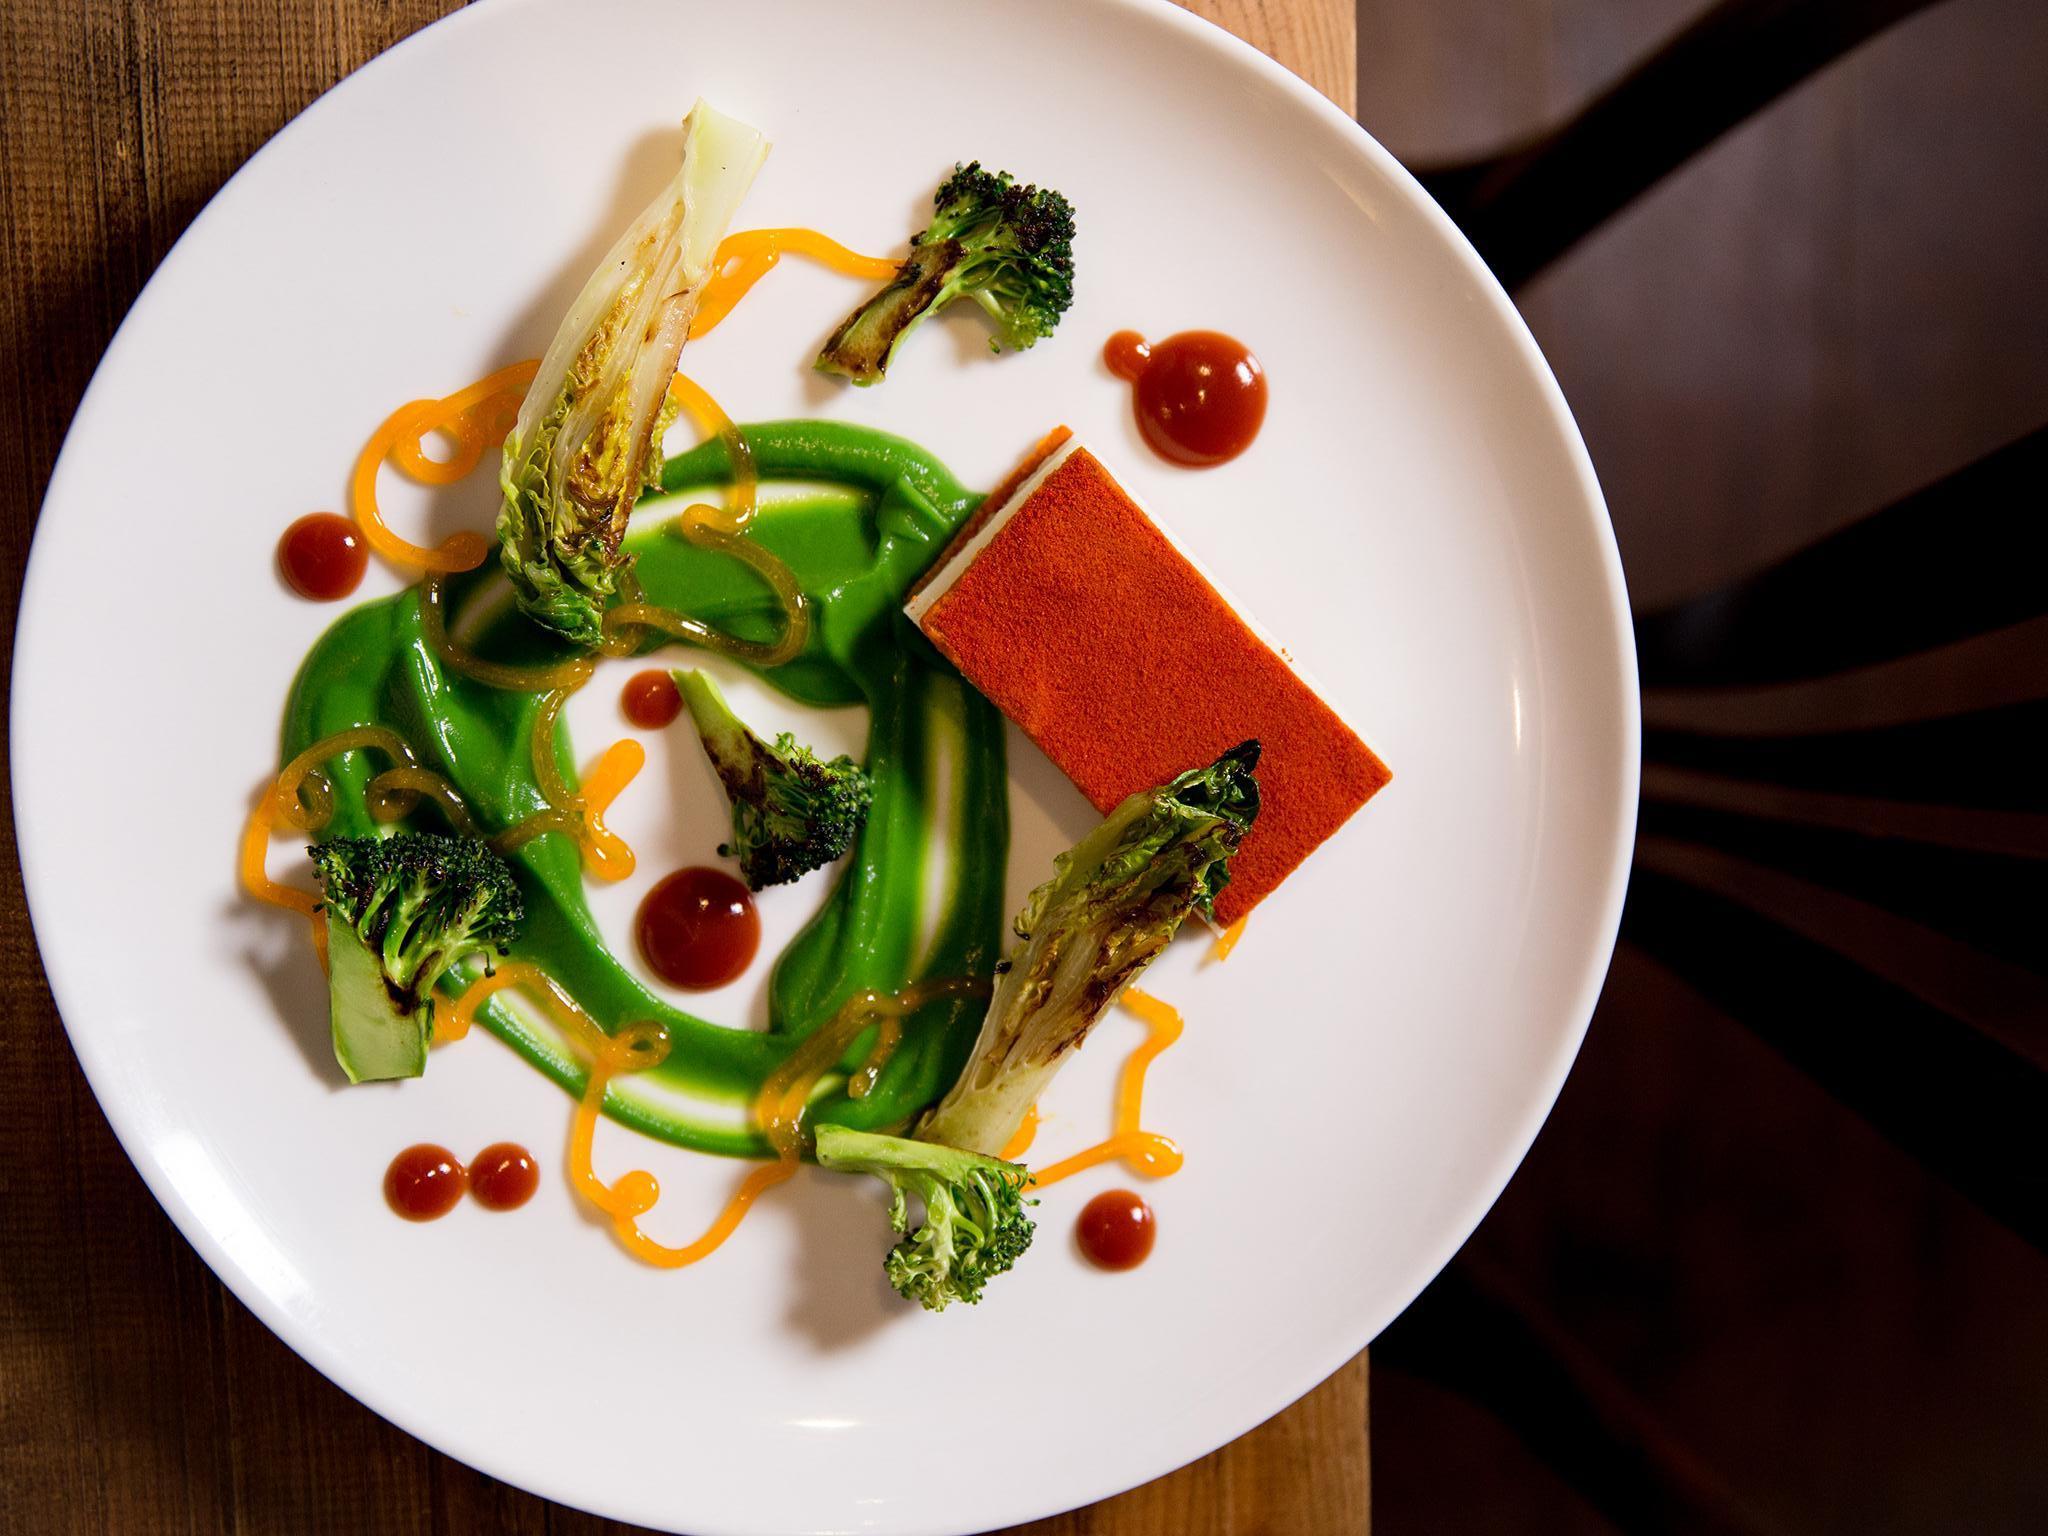 London's best vegetarian restaurants include Vanilla Black